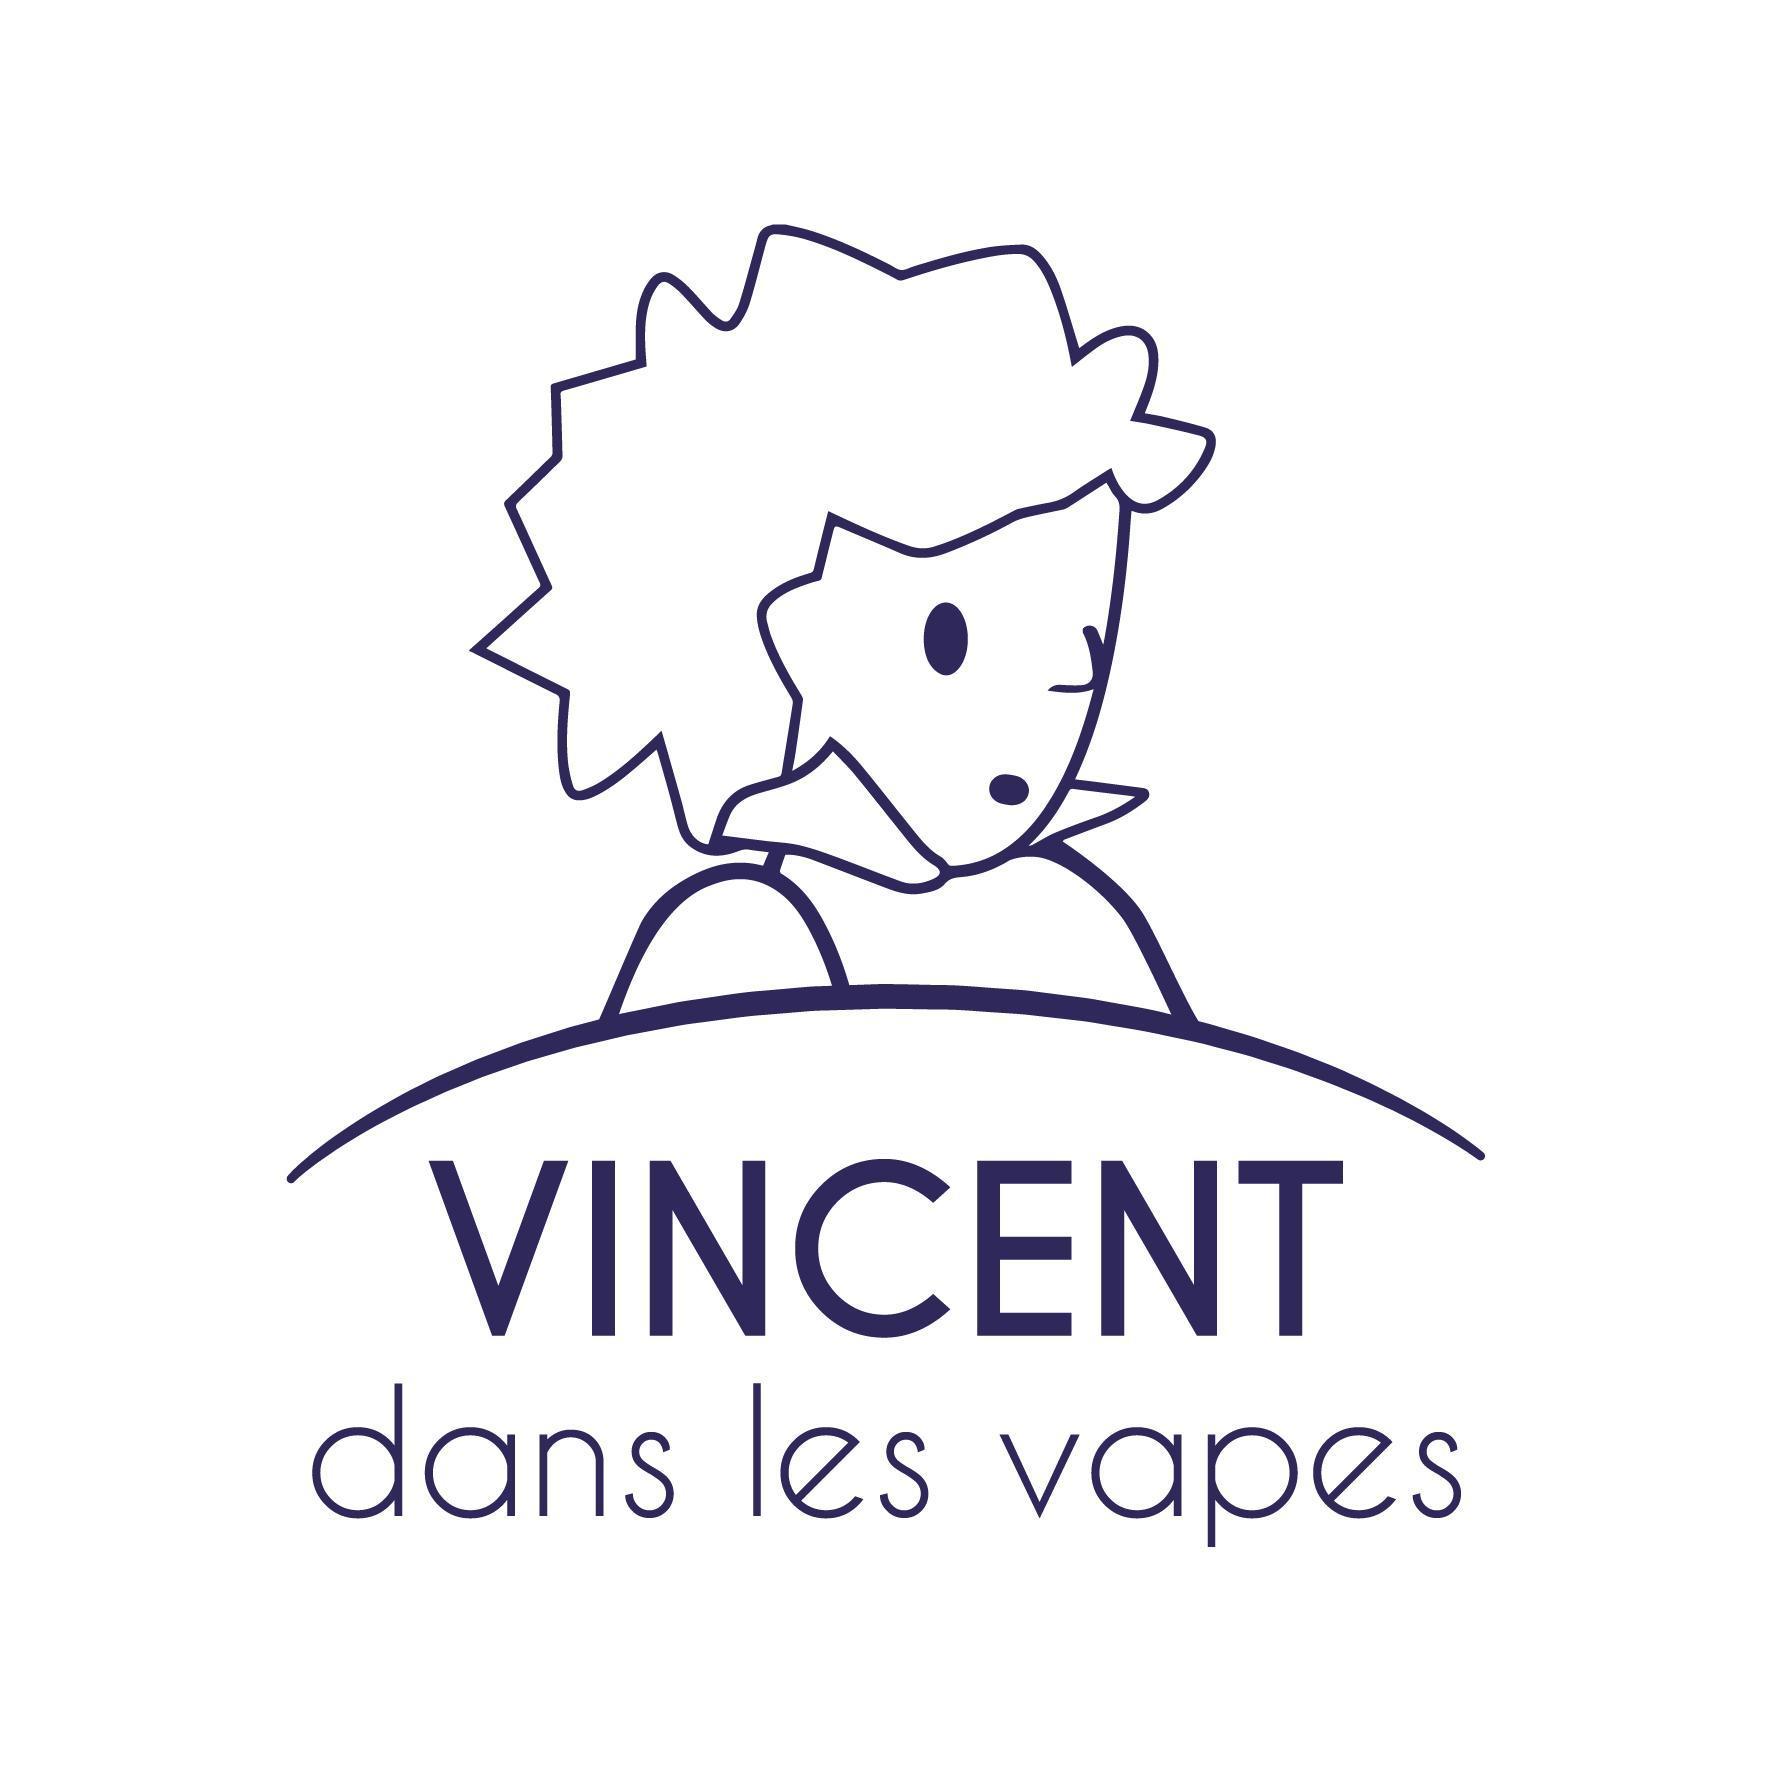 La boutique que j'aime le plus pour la cigarette électronique